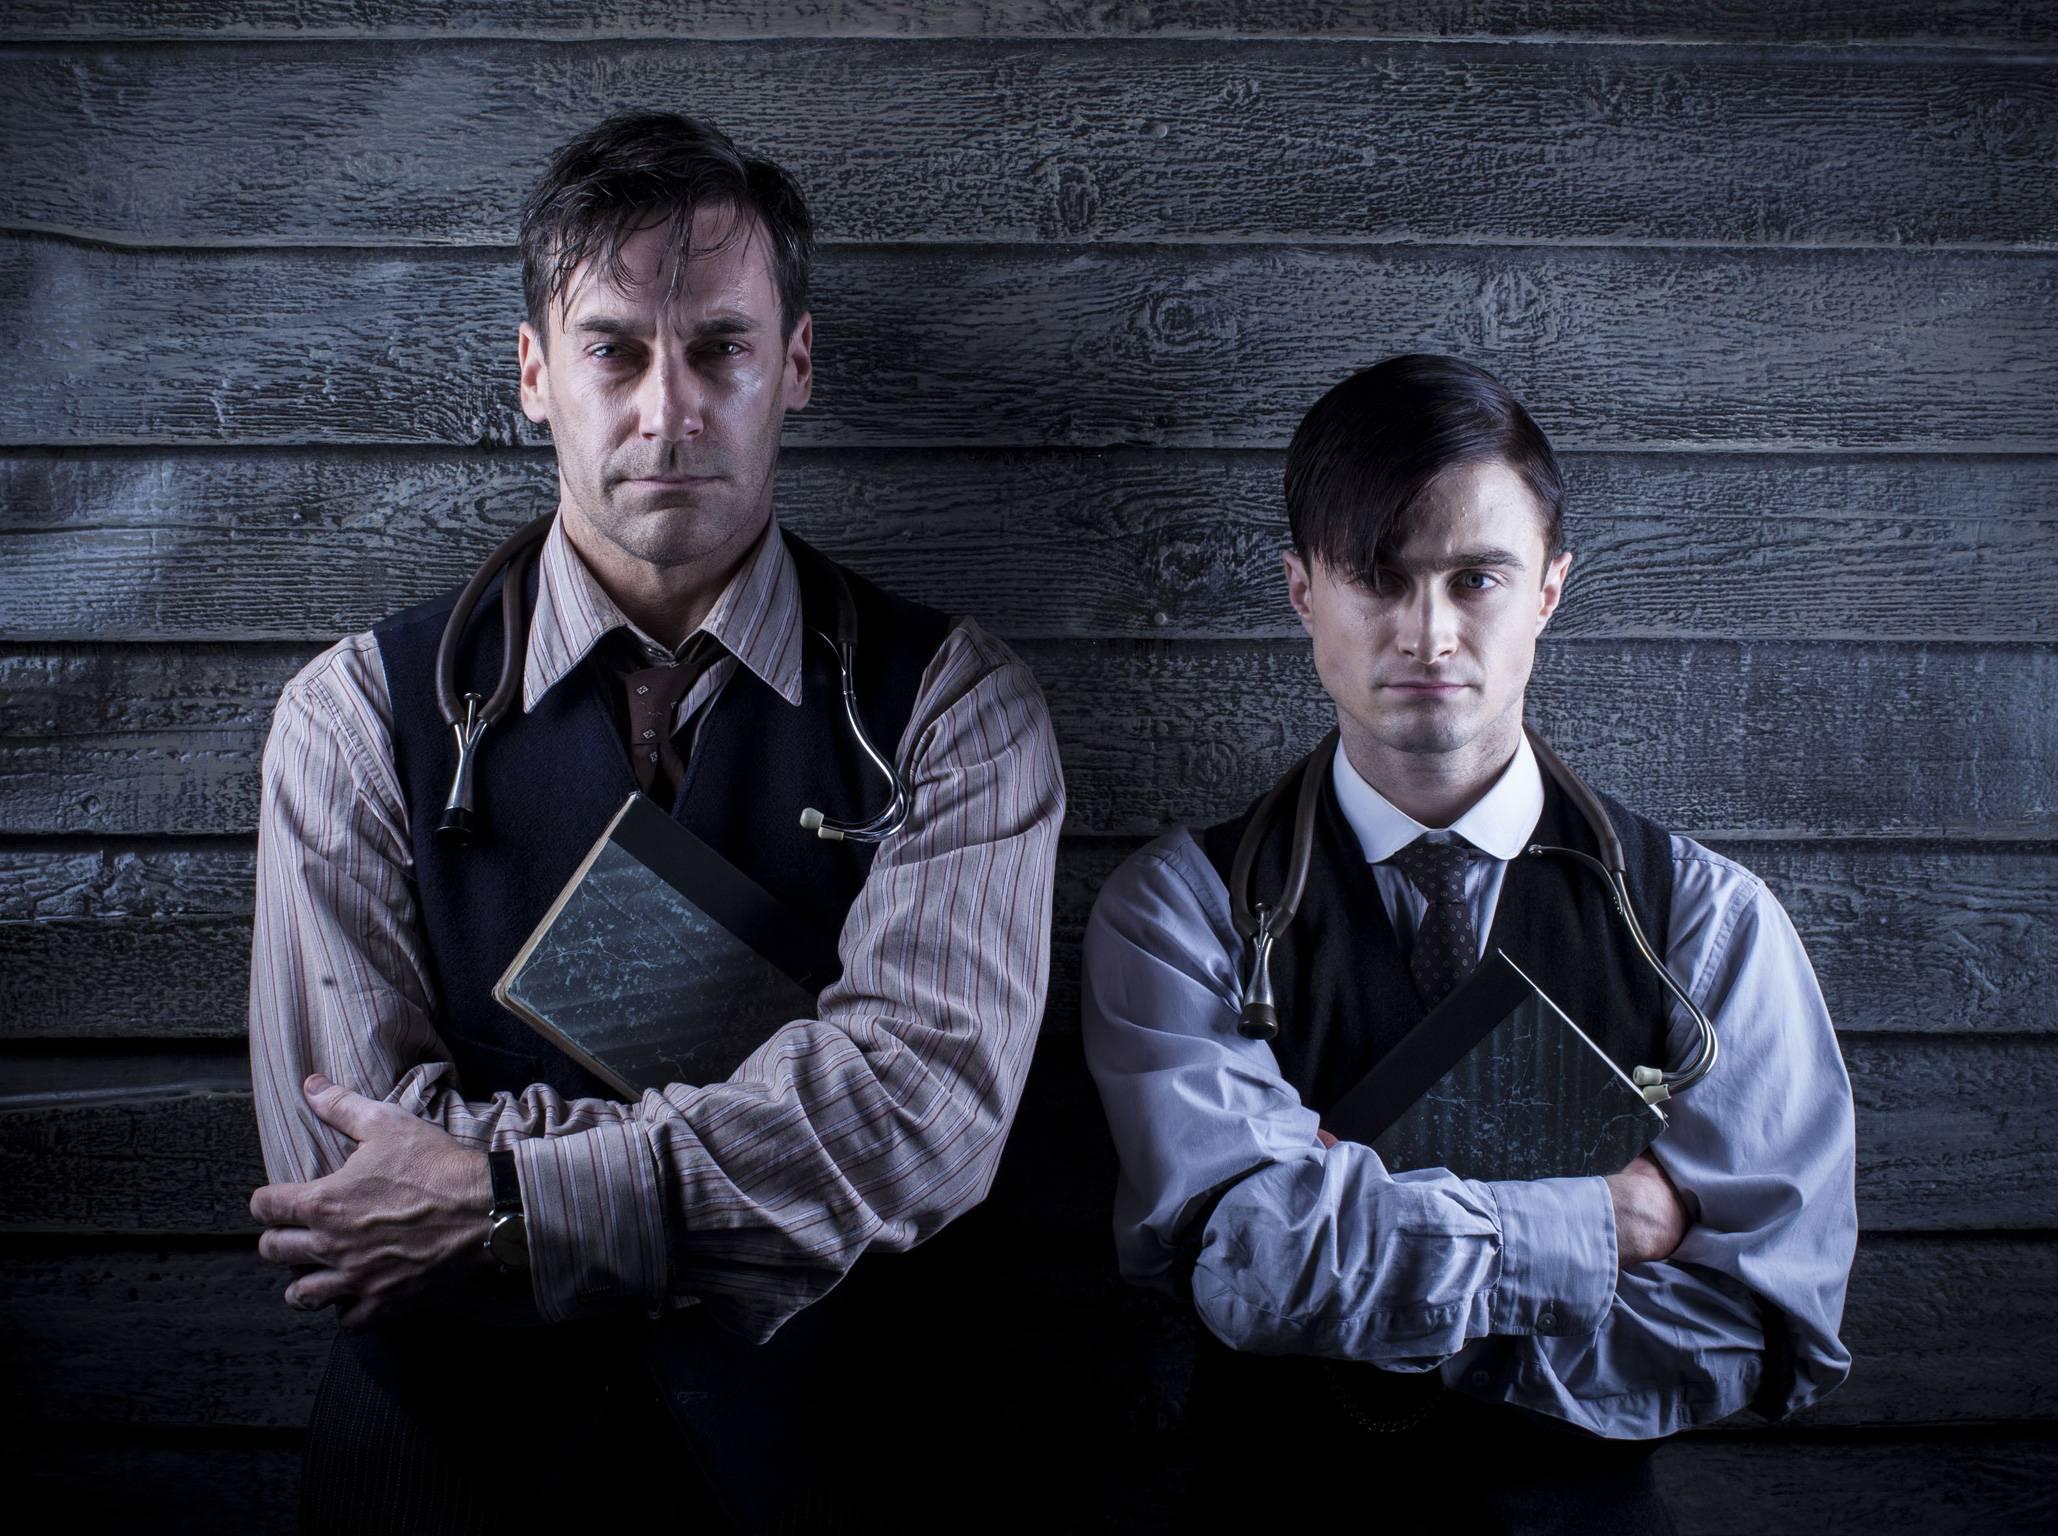 """""""Însemnările unui tânăr medic"""", o bijuterie cinematografică după Mihail Bulgakov, cu """"Don Draper și Harry Potter"""""""